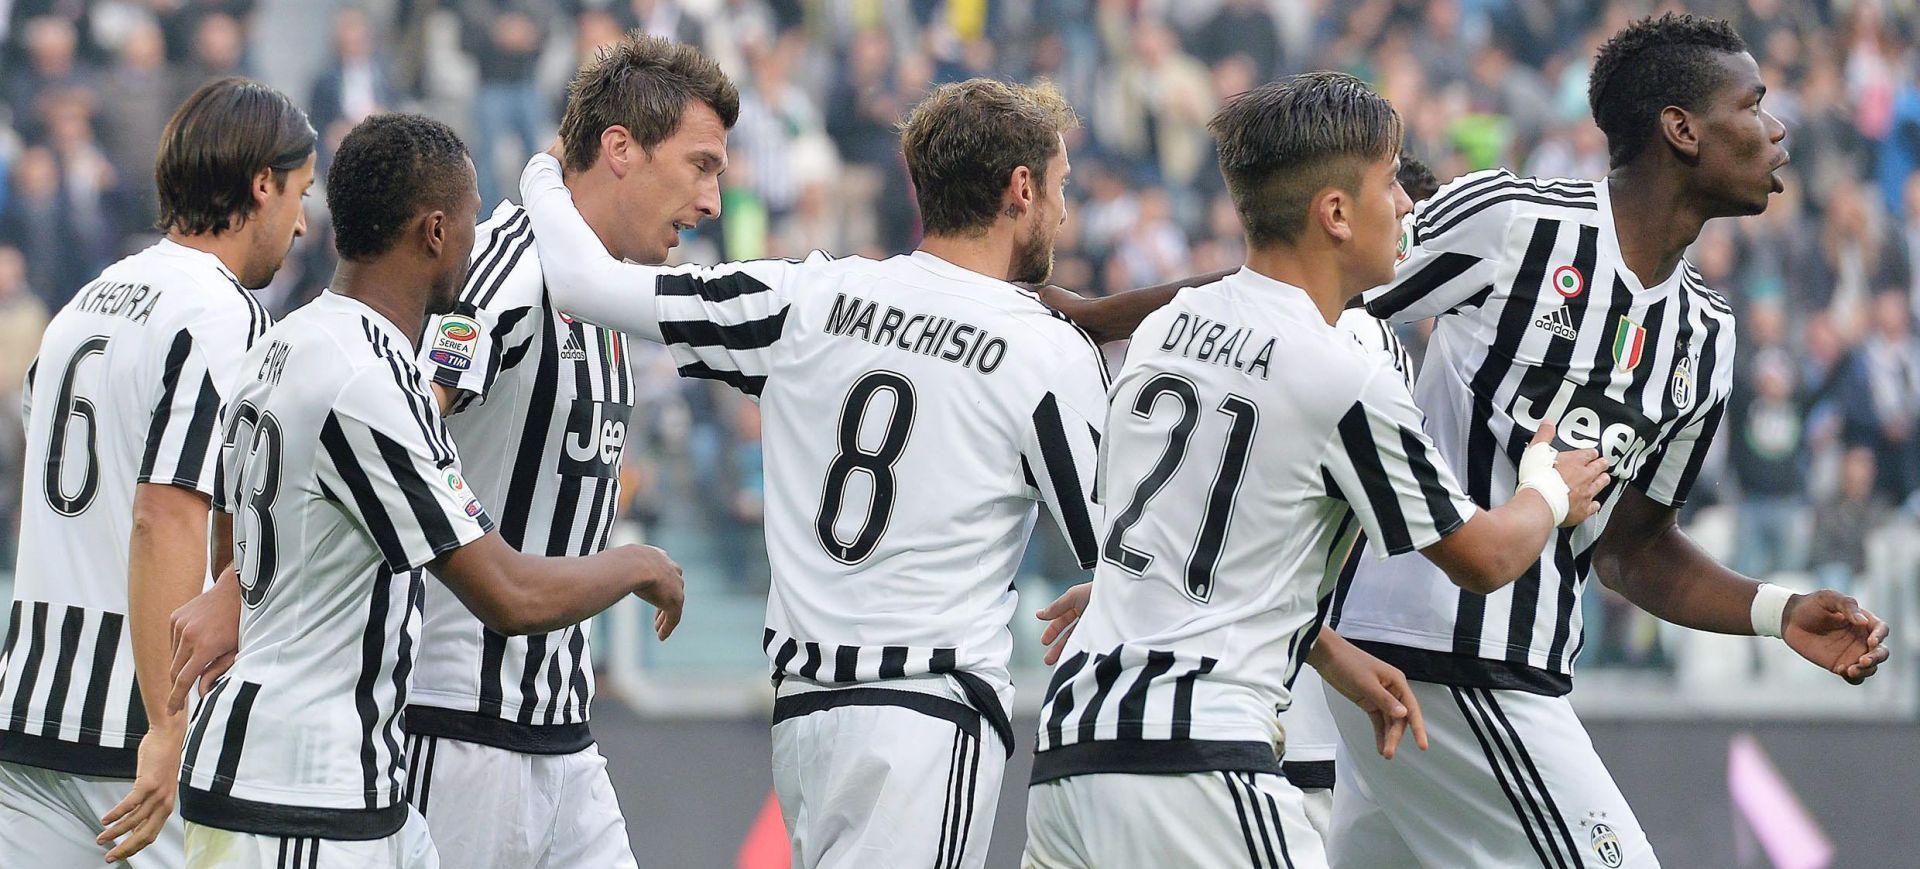 Juventus u LP zaradio 89 milijuna eura, Rijeka zaradila više od Dinama